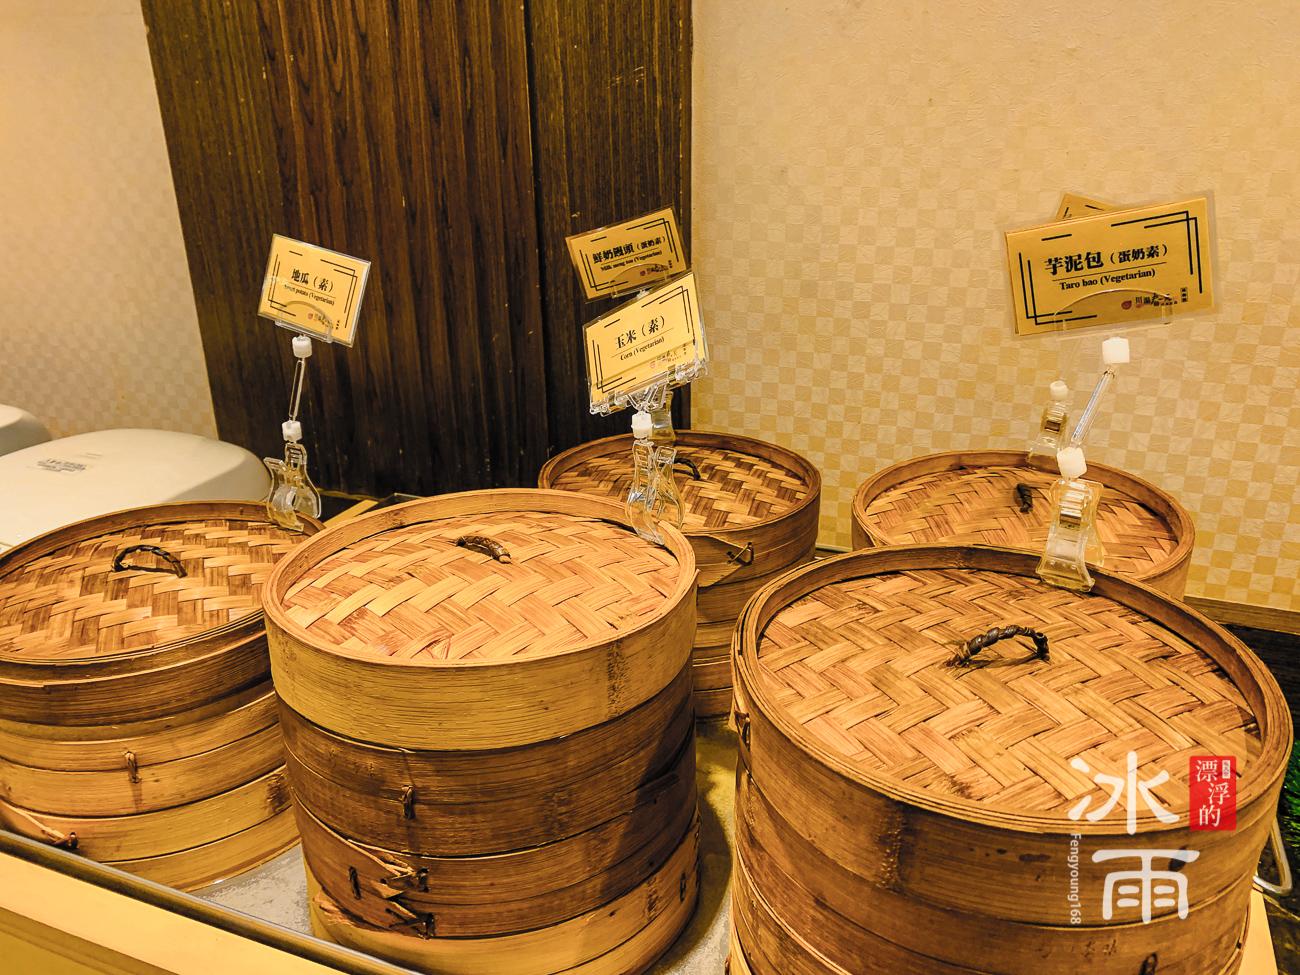 川湯春天溫泉飯店德陽館 早餐 港式小點